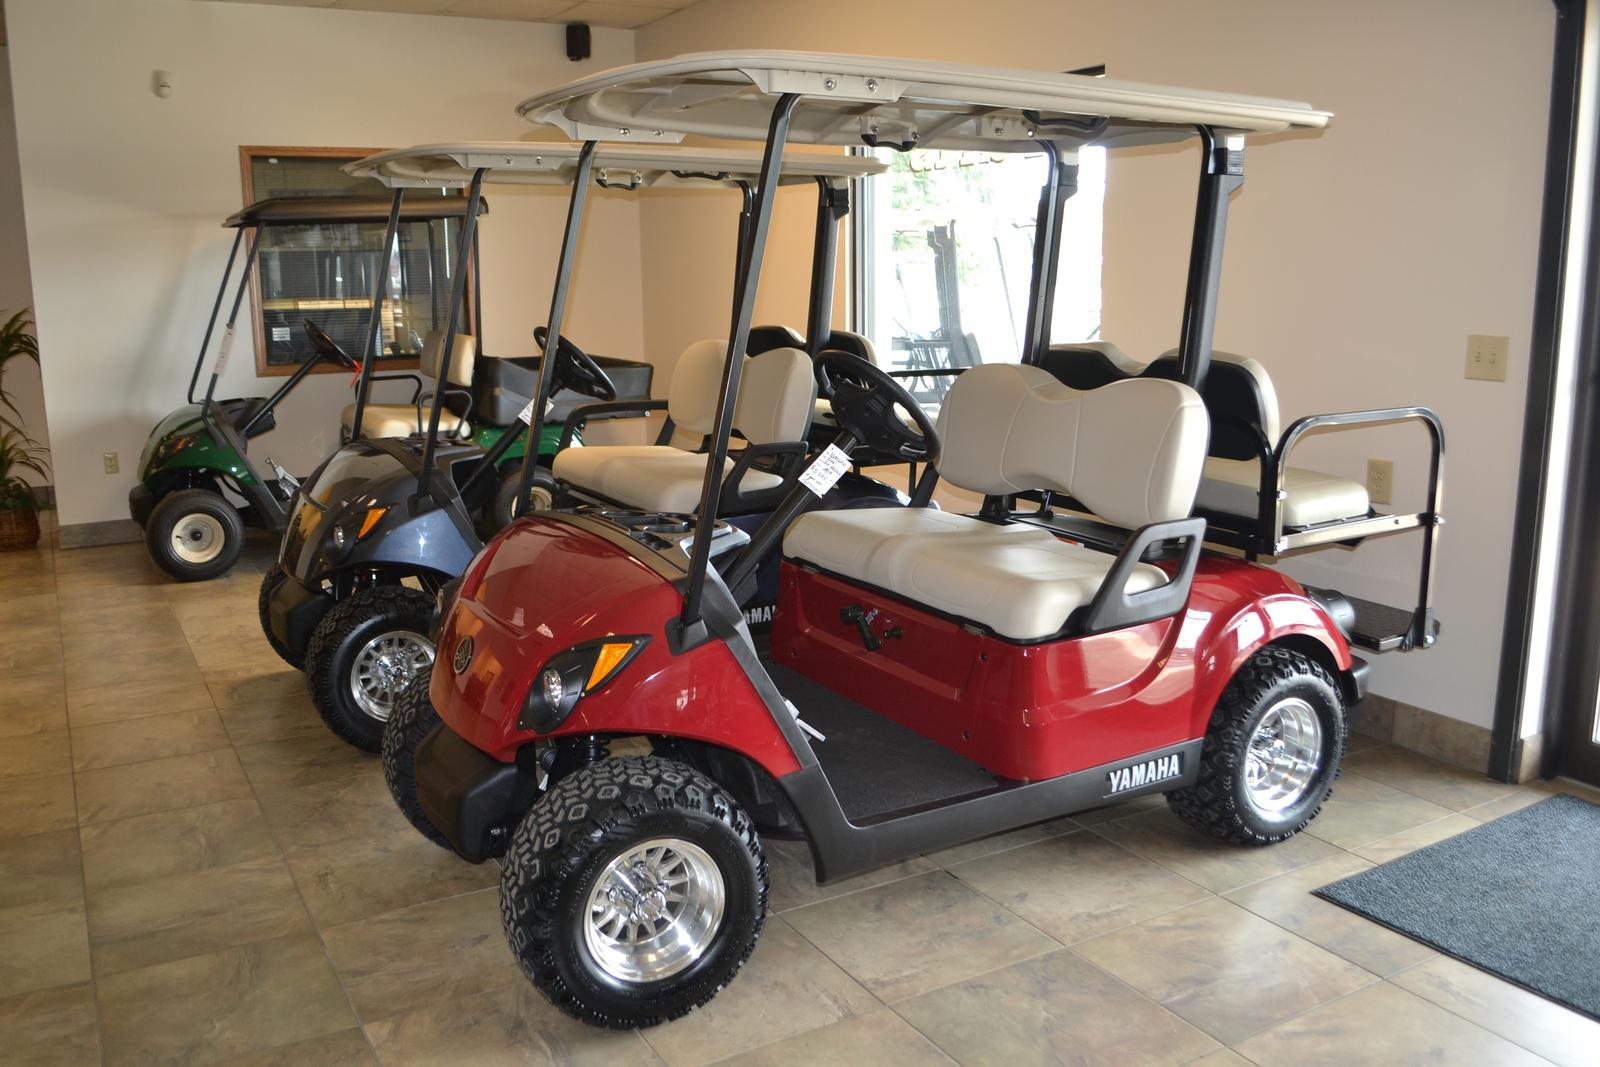 Yamaha Golf Carts Dealer on yamaha gas powered golf carts, yamaha street legal golf carts, yamaha side by side dealers, ezgo golf carts dealers, yamaha golf carts florida, yamaha used gas golf carts, yamaha golf carts mississippi, club car dealers,